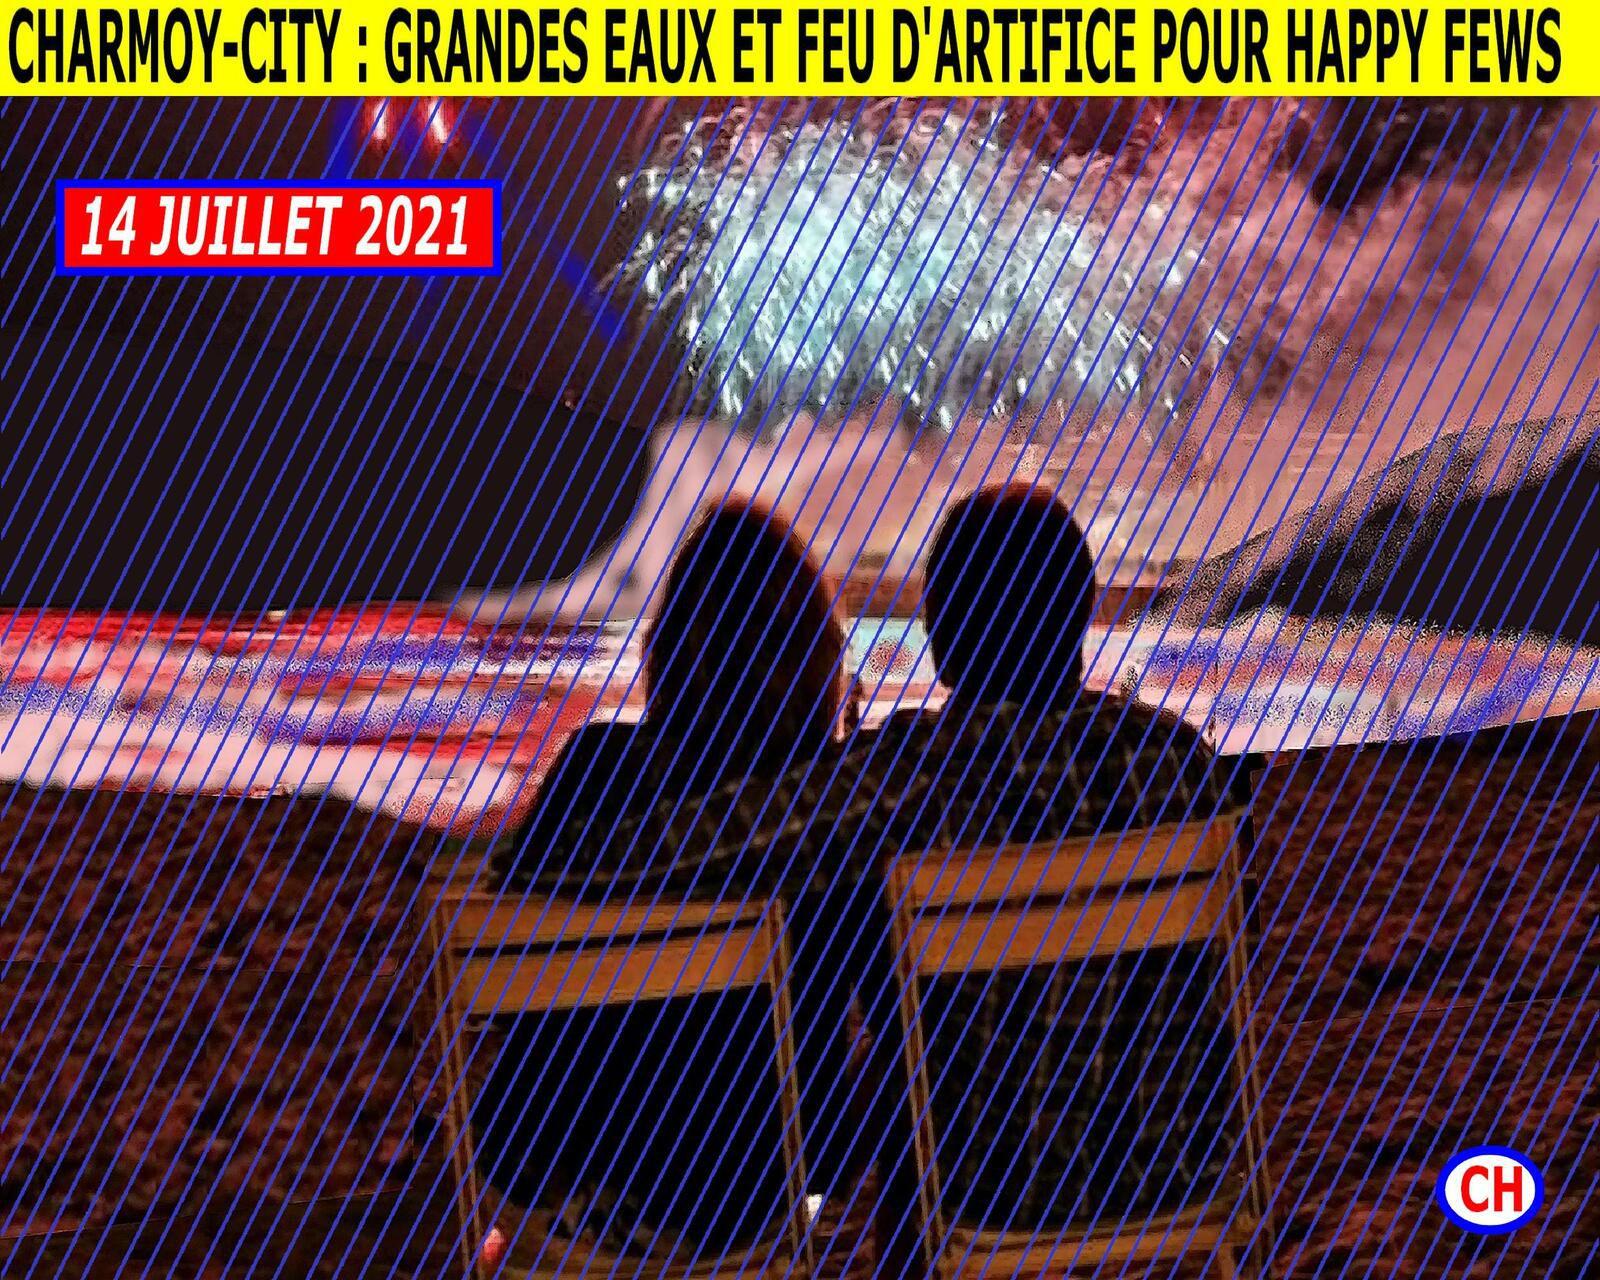 Charmoy-City, grandes eaux et feu d'artifice pour happy fews.jpg